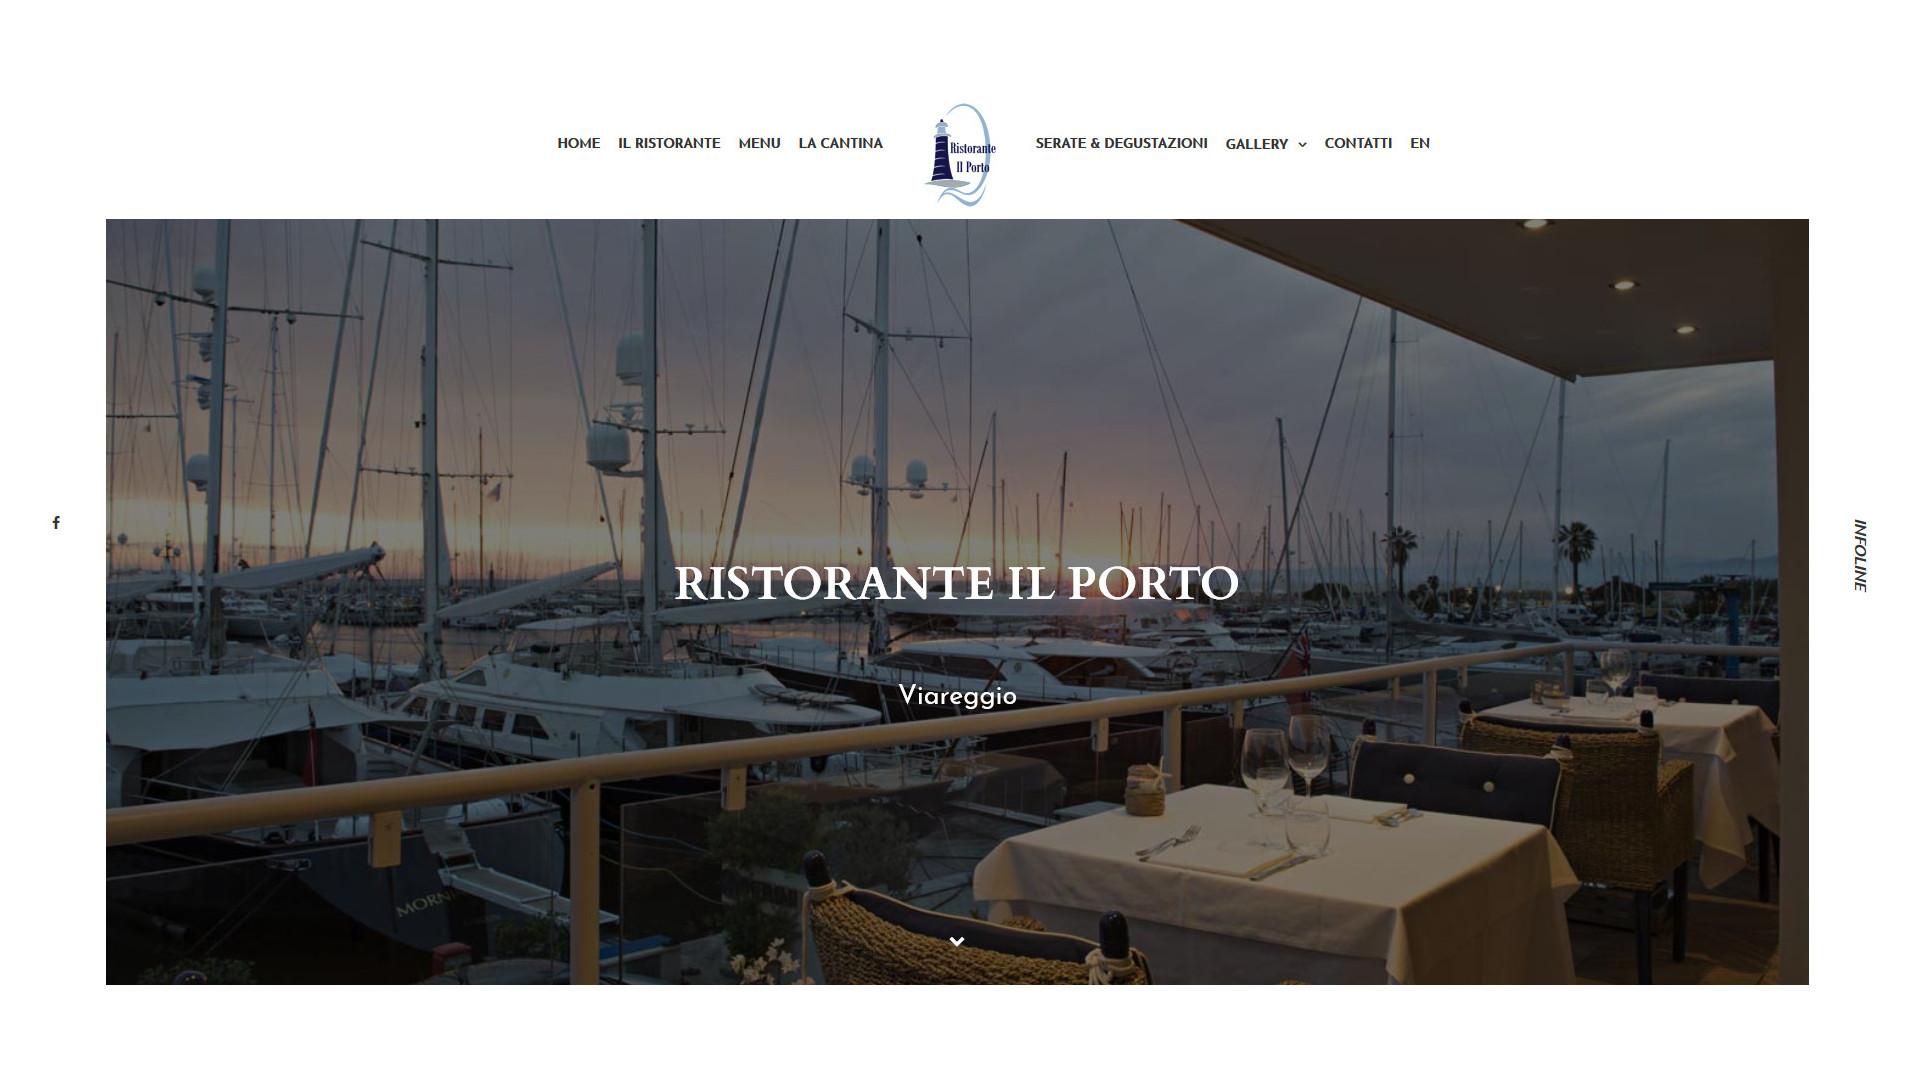 Terrazzo con tavolo apparecchiato del Ristorante Il Porto Viareggio con yacht  attraccati al molo